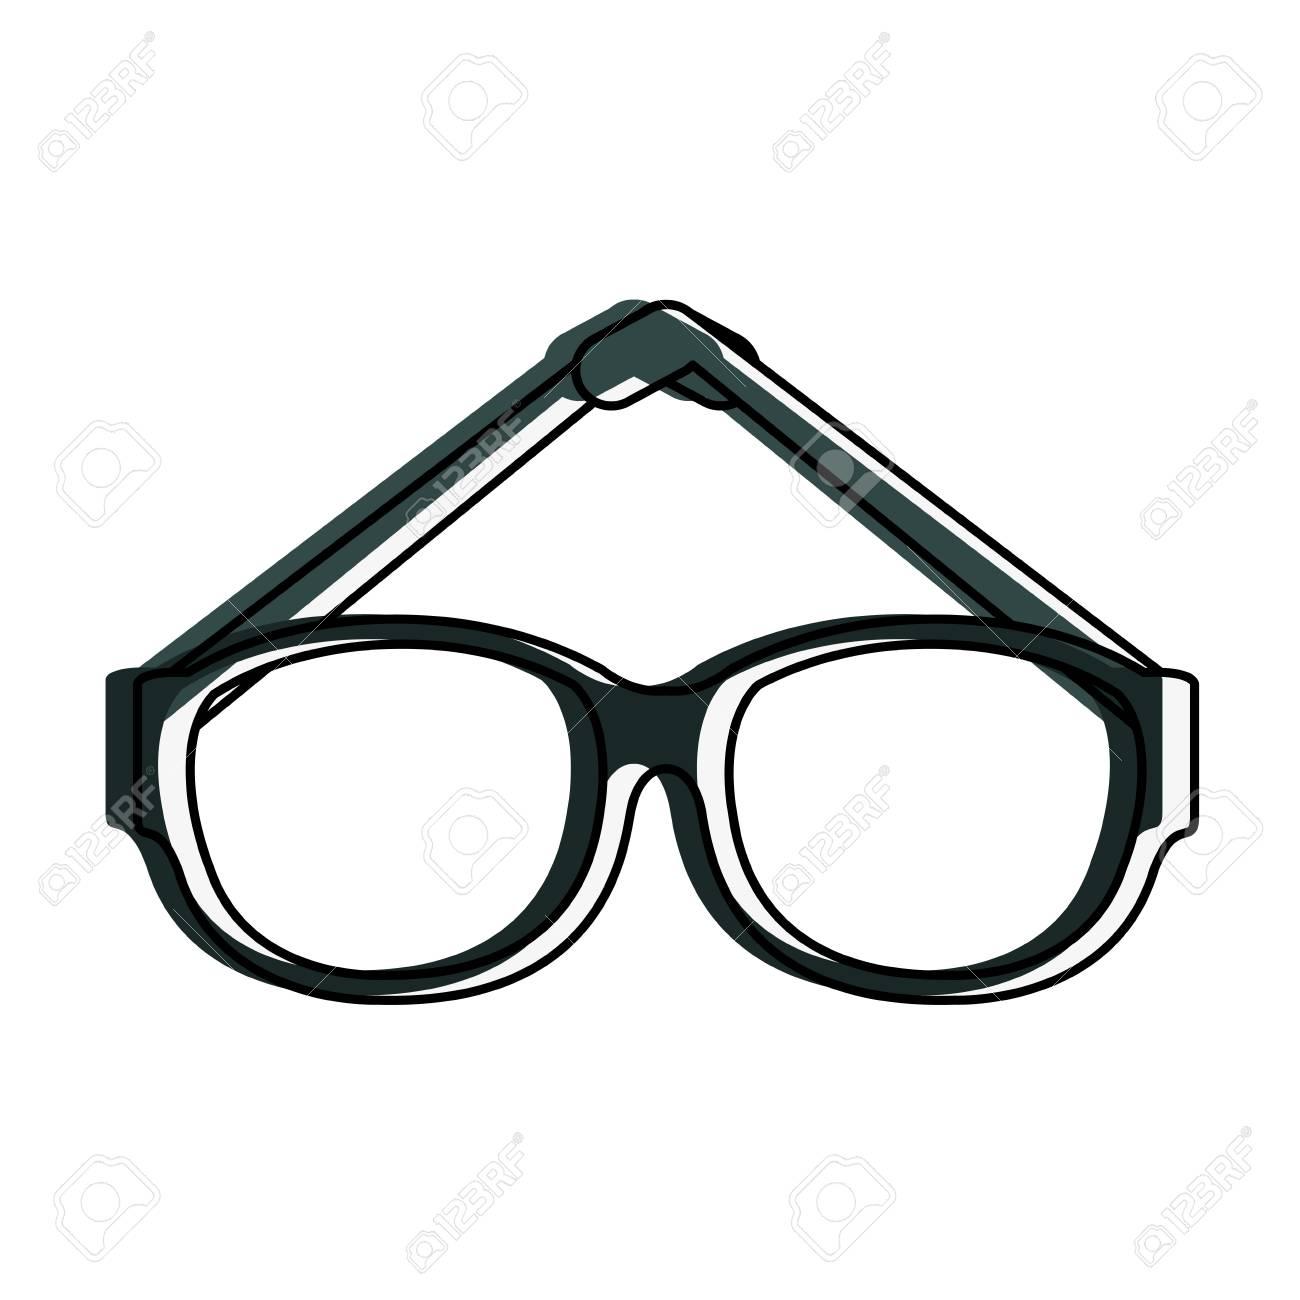 ファッション レンズ眼鏡アイコン ベクトル イラスト グラフィック